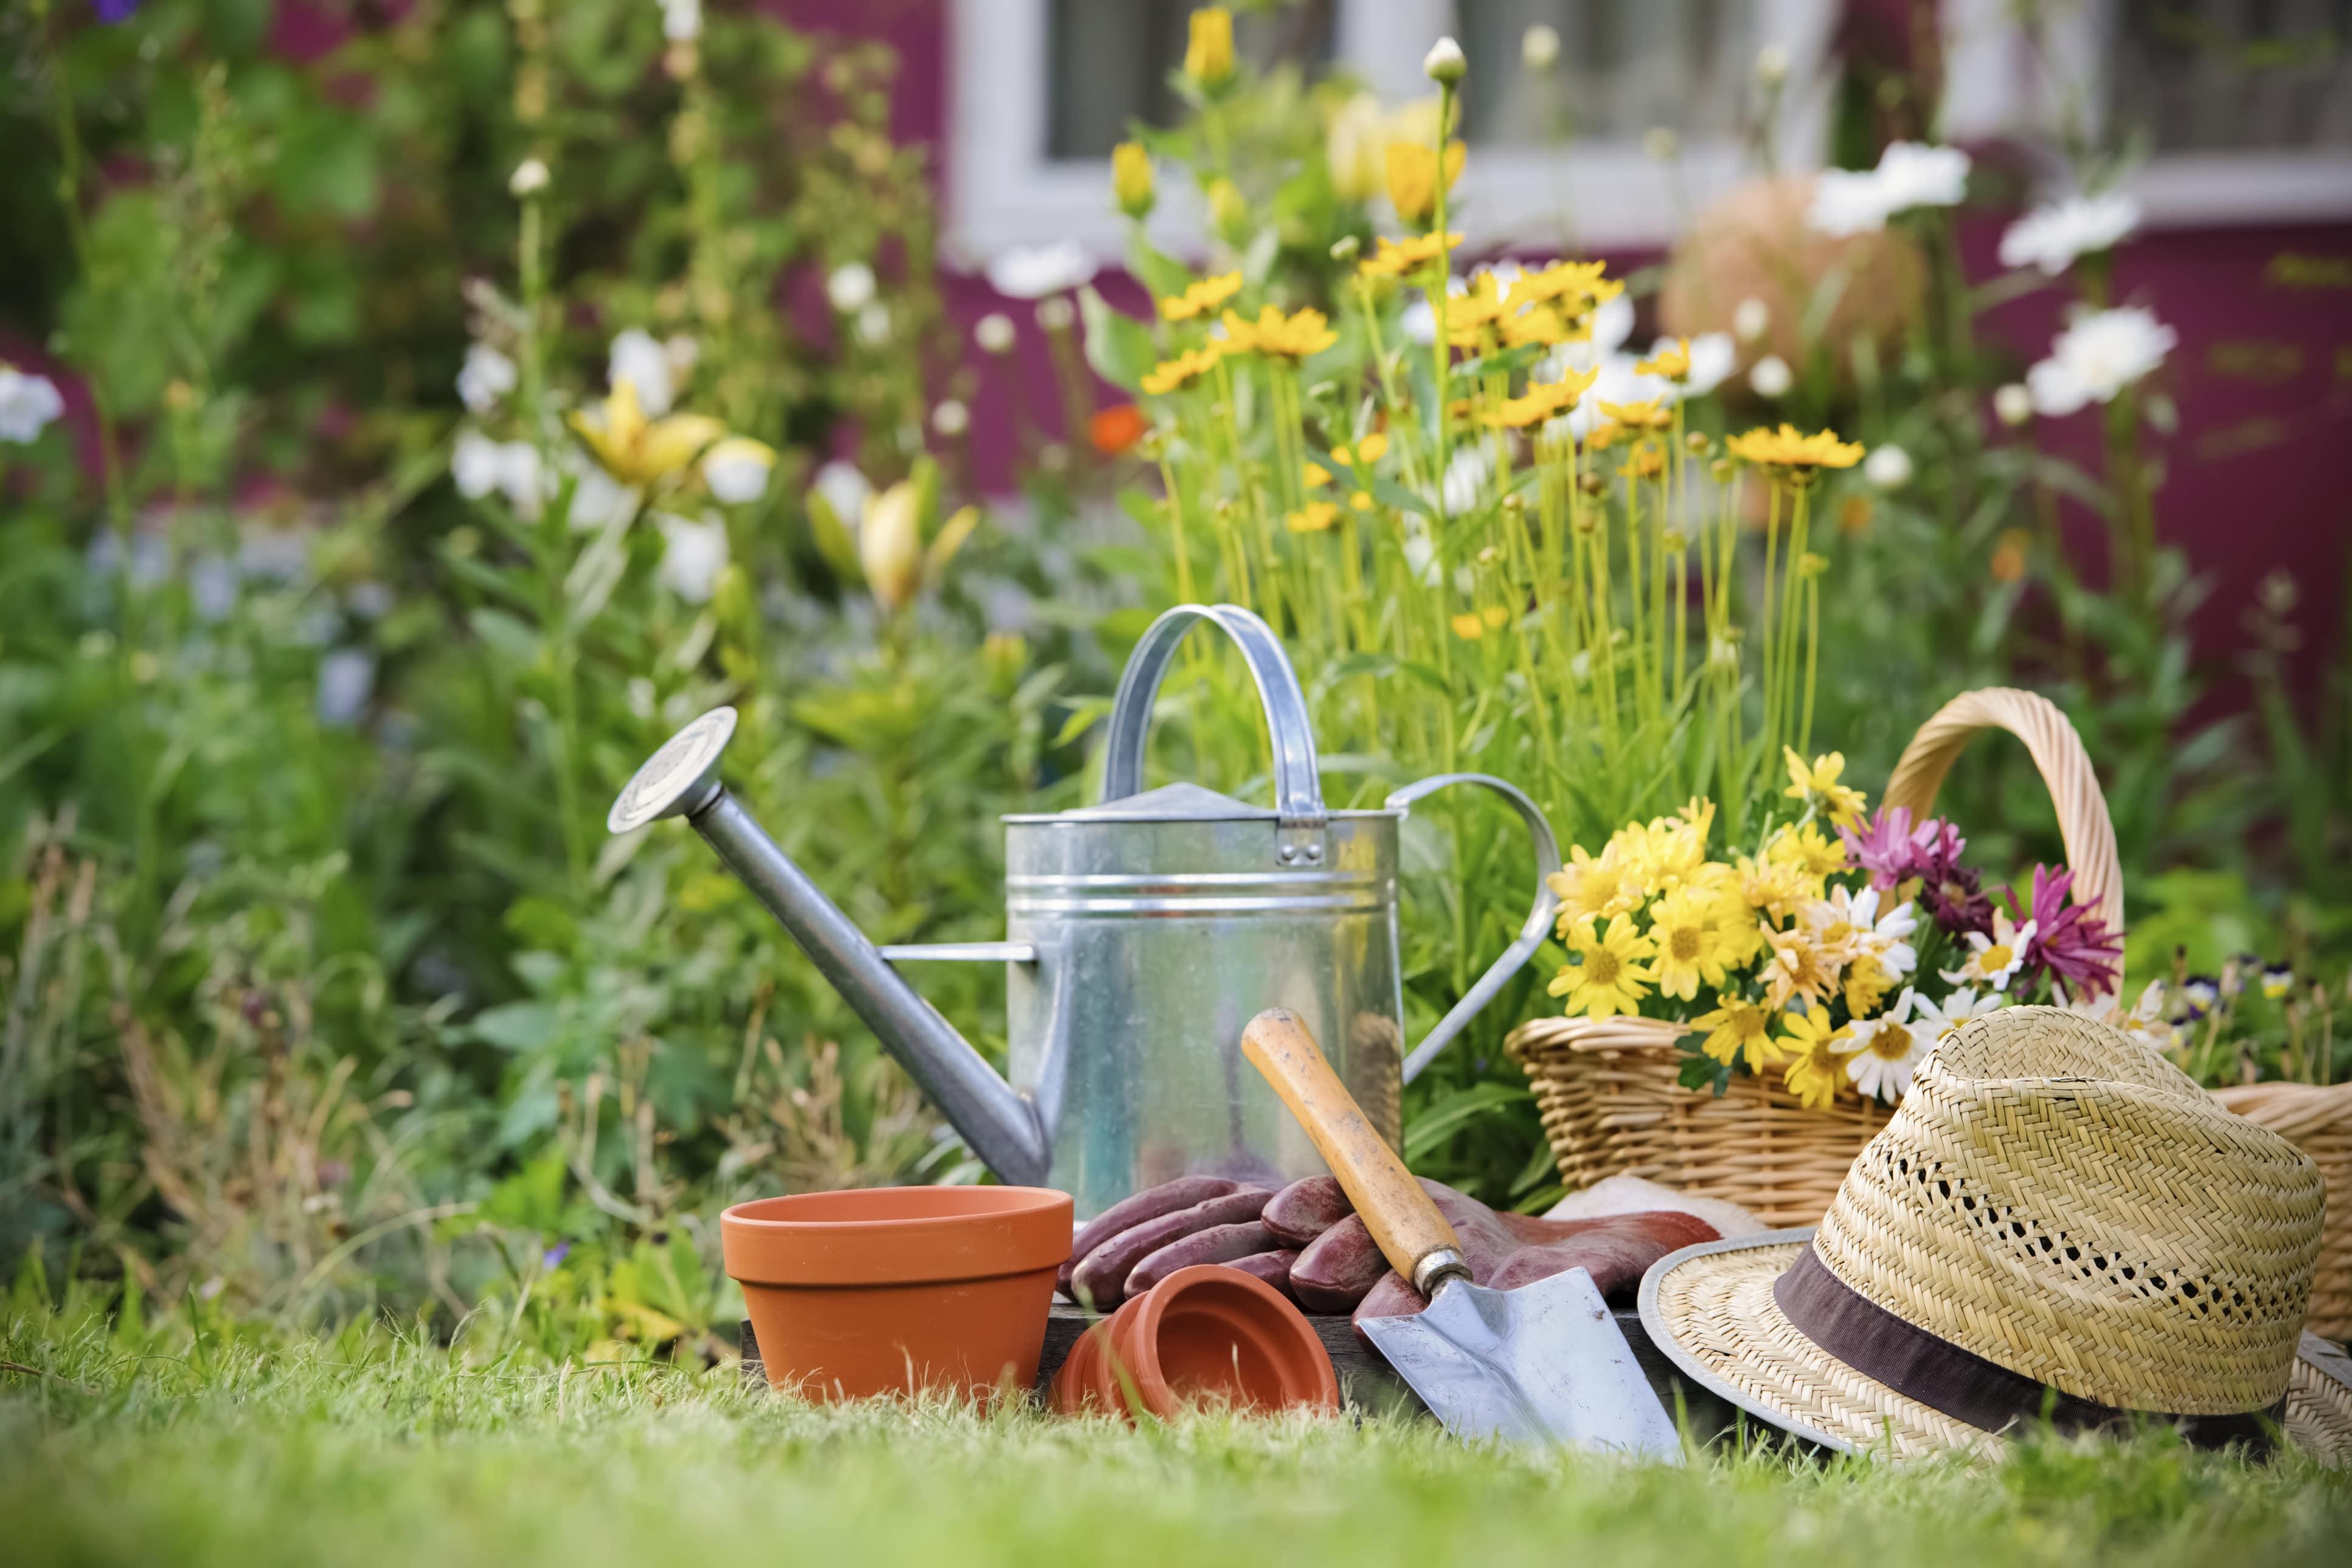 Get Your Garden Growin' Green Workshop - SCARCE